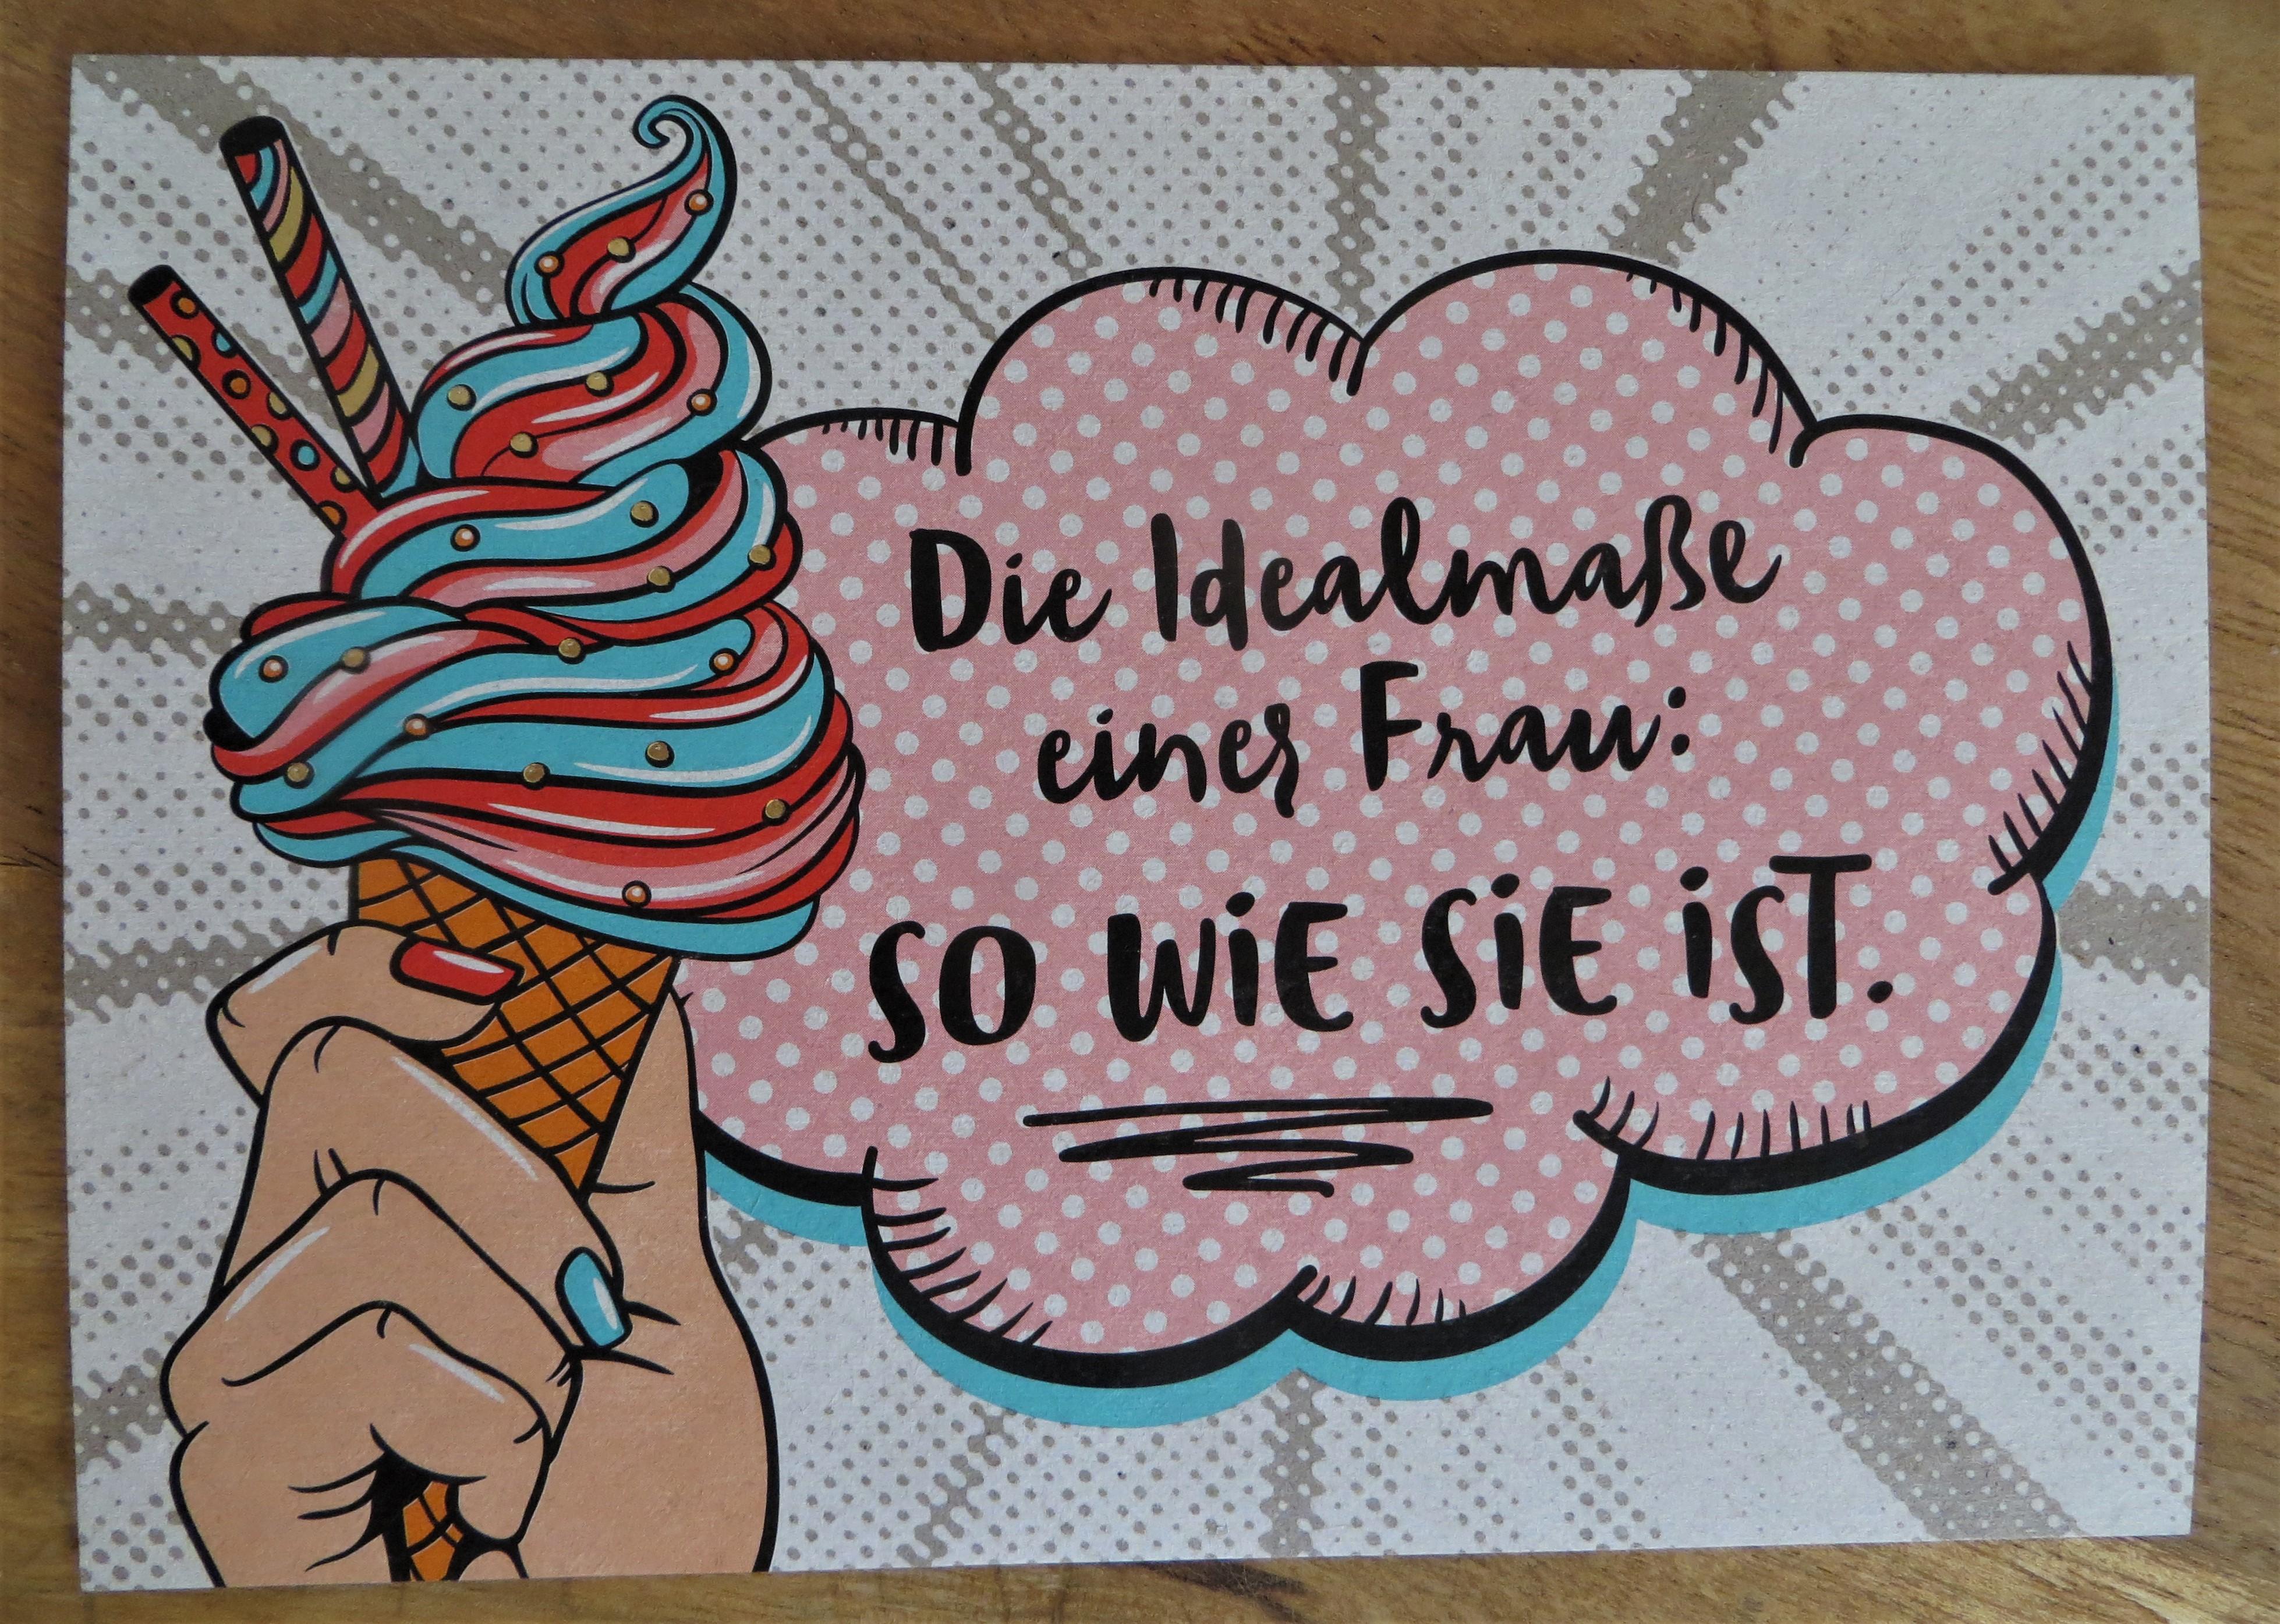 Nützlichgrusskarten - Postkarte Die Idealmaße einer Frau SO WIE SIE ist. KUNST und BILD - Onlineshop Tante Emmer